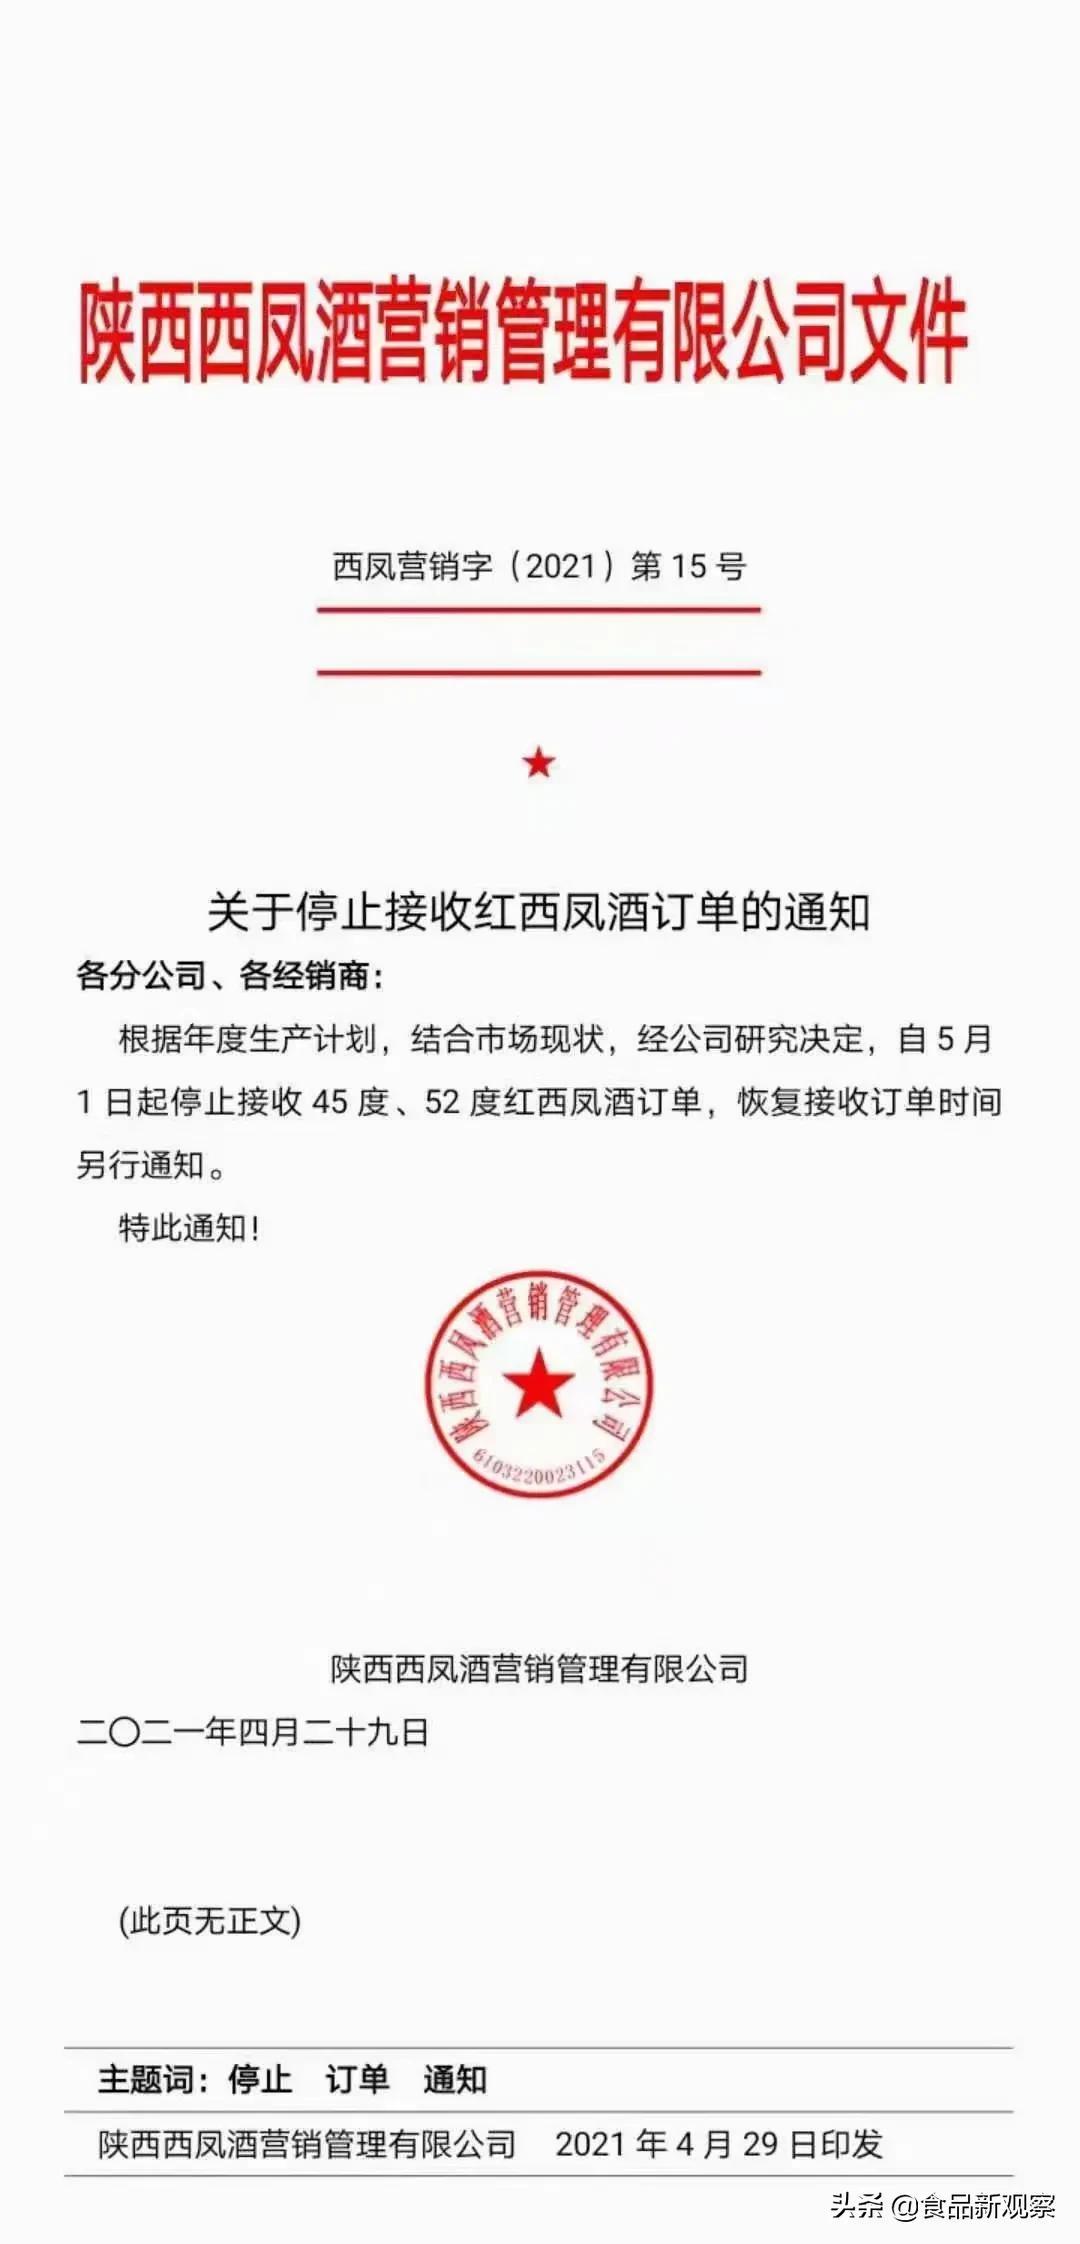 红西凤酒5月1日起停止接收订单